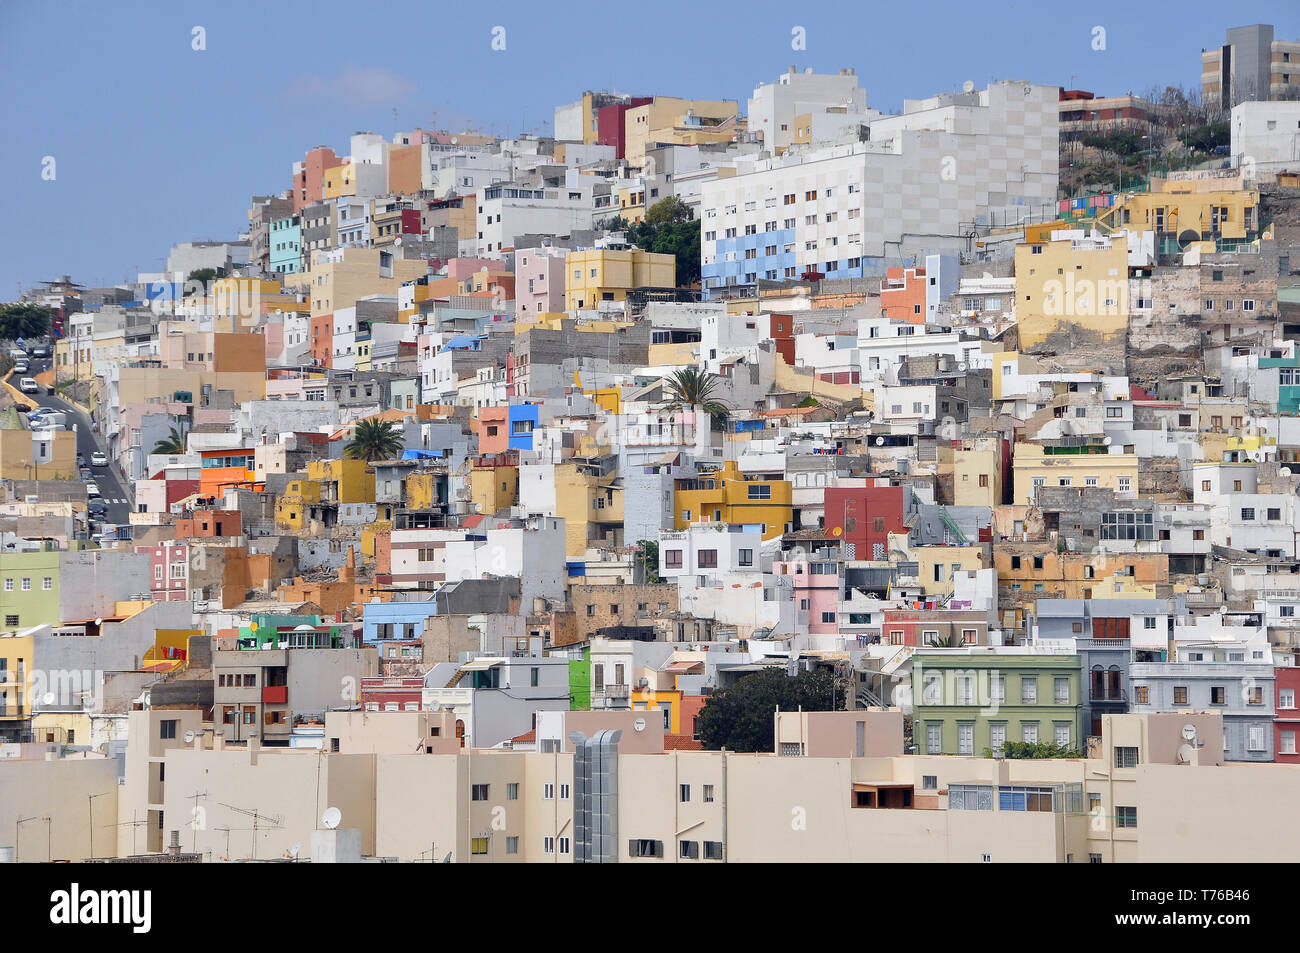 View of Las Palmas, Gran Canaria, Spain - Stock Image